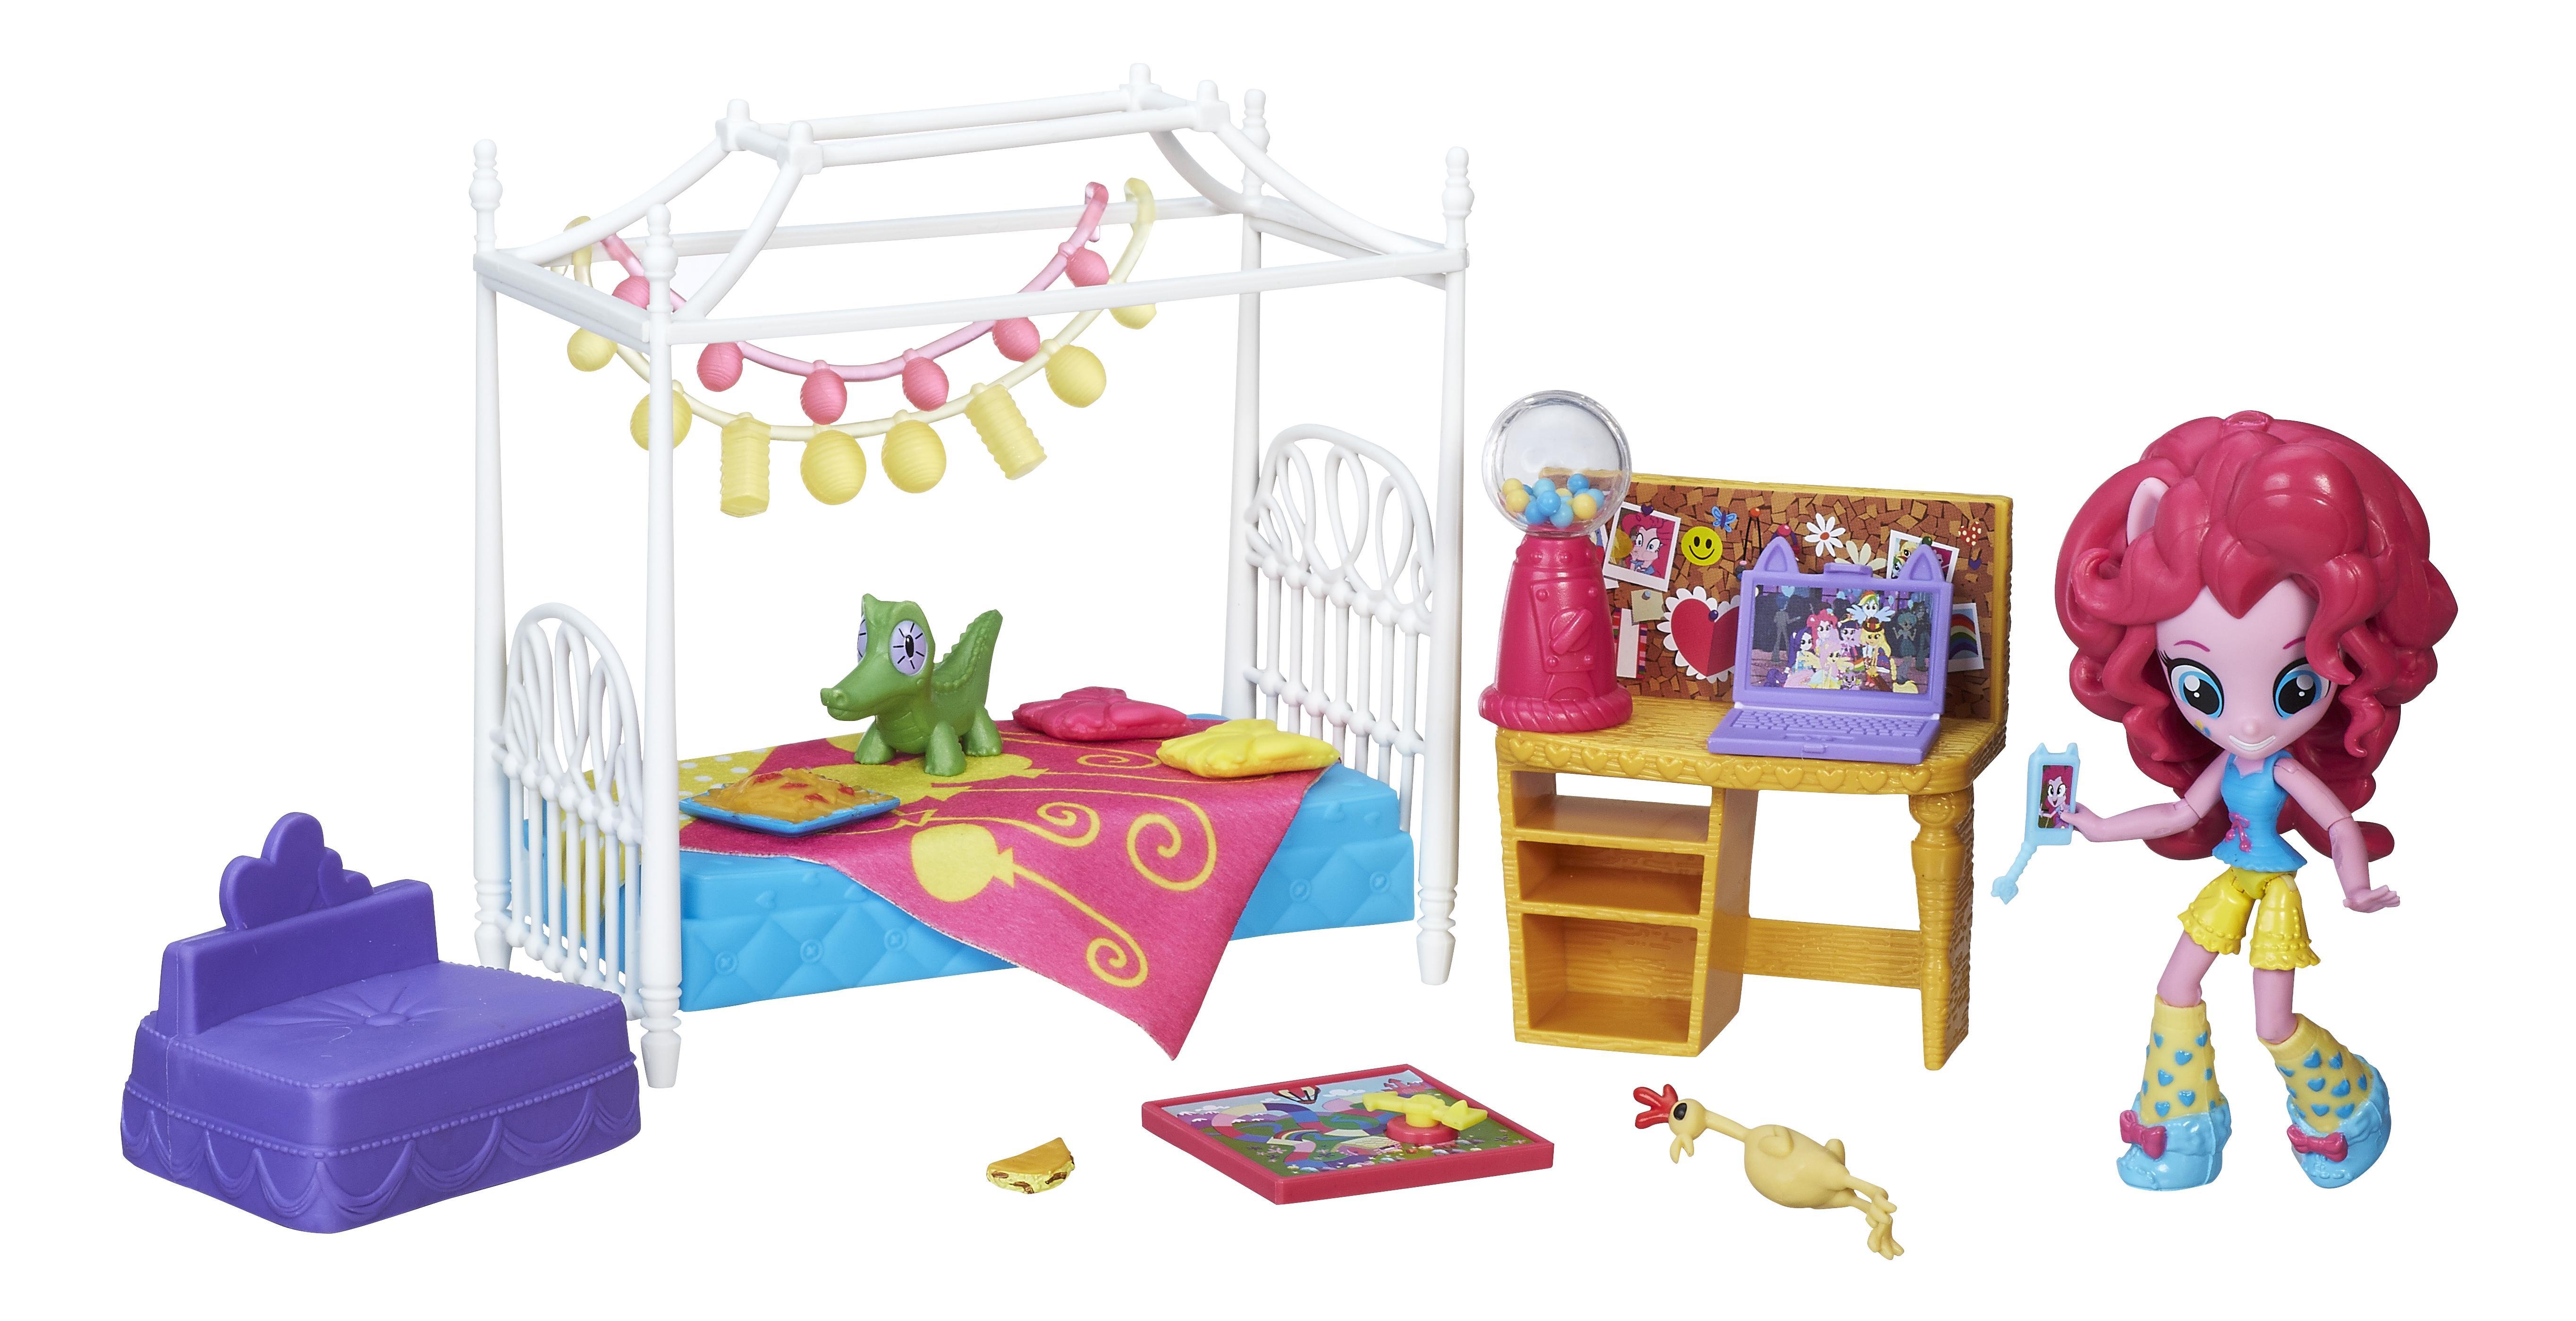 Купить Equestria girls игровой набор мини-кукол пижамная вечеринка b8824 b8844, Игровые наборы